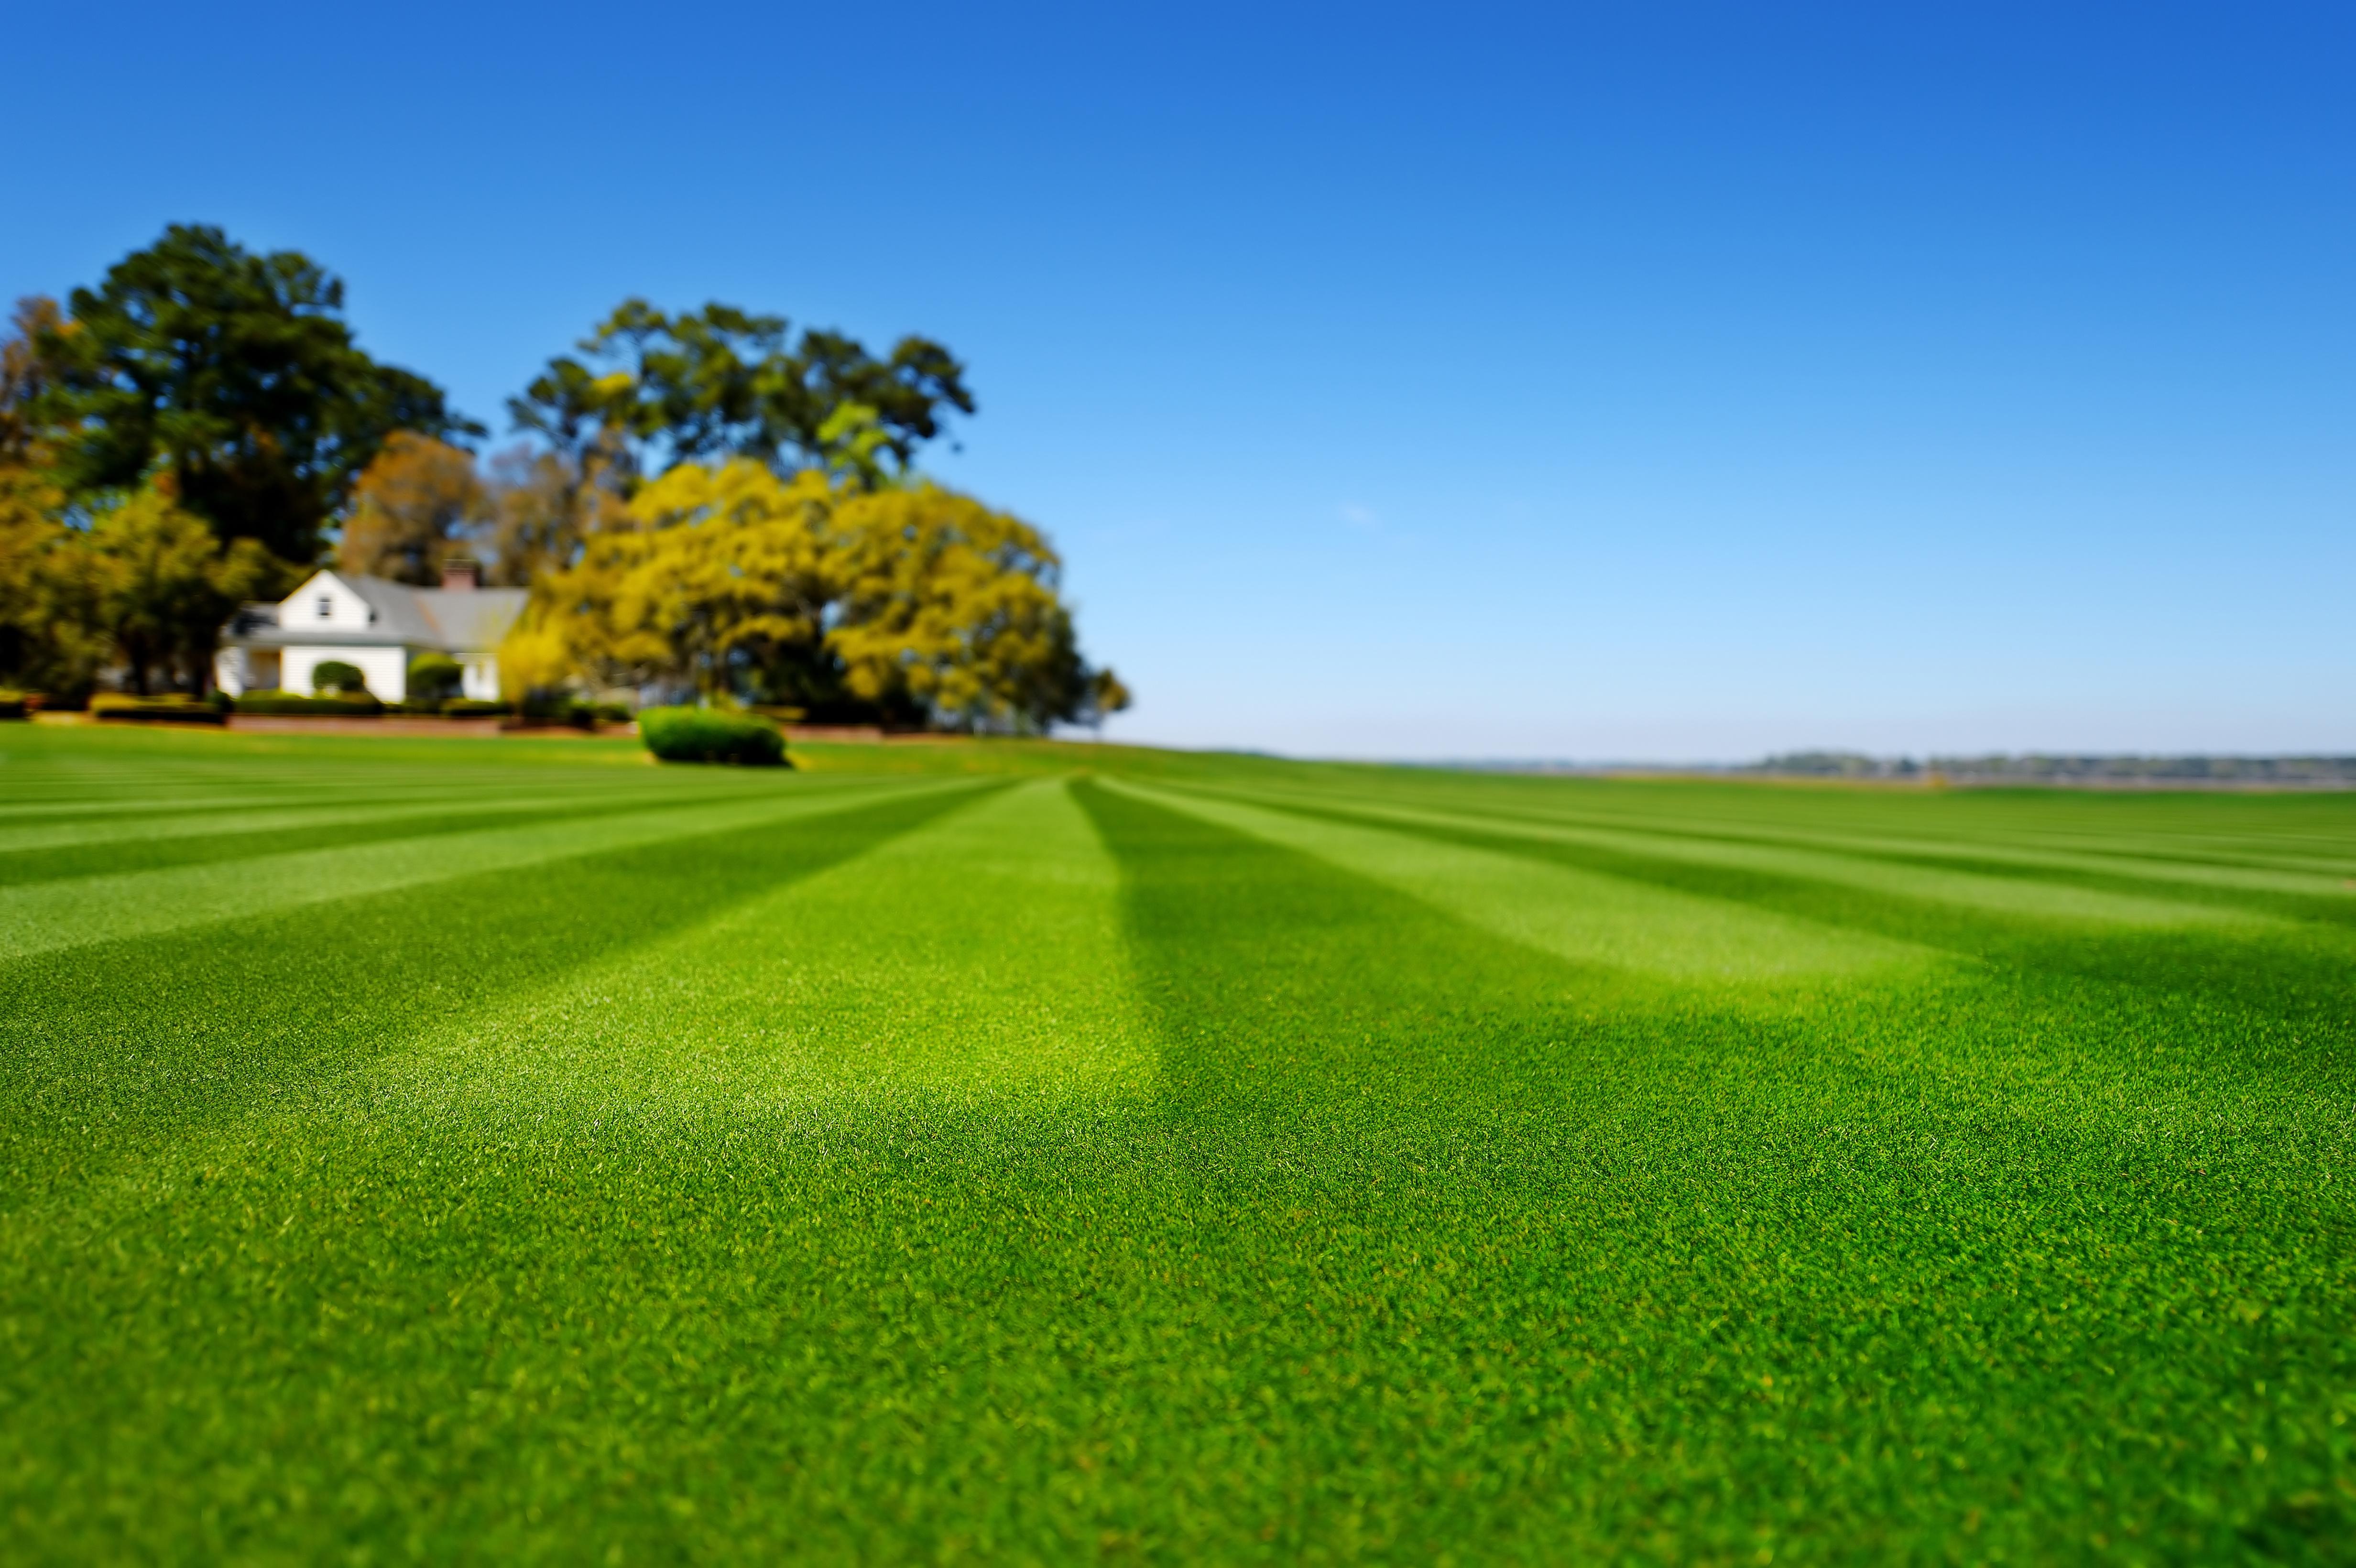 lawn care Canada